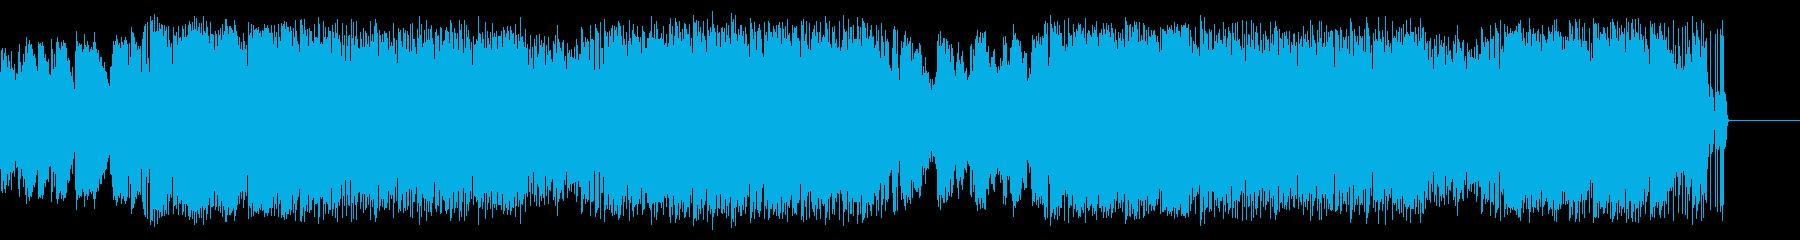 ジャズの要素を含んだ幻想的なアンビエントの再生済みの波形